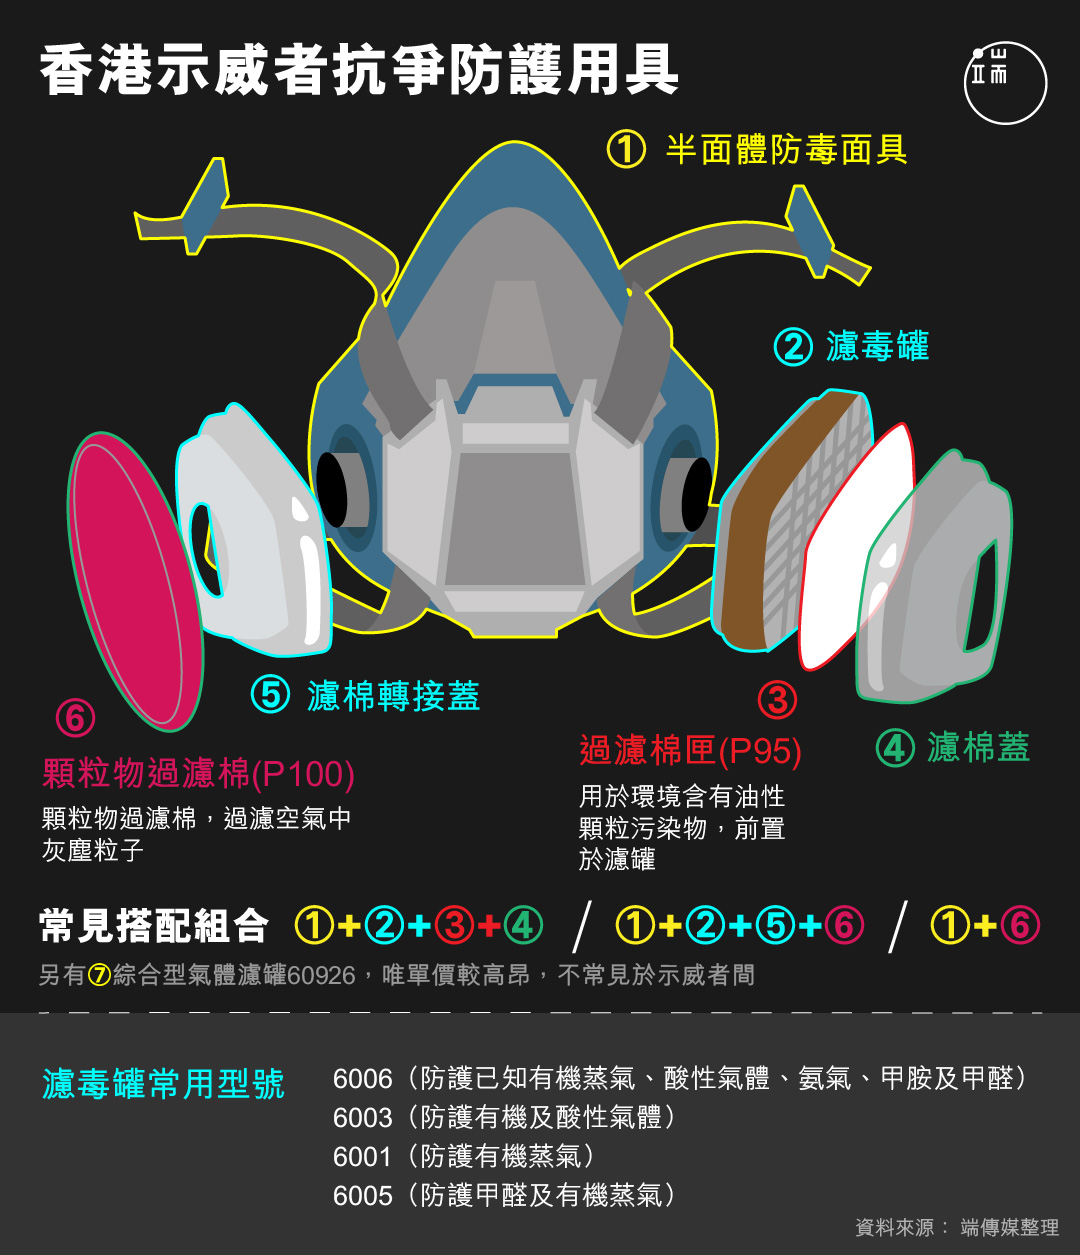 香港示威者抗爭防護用具圖解